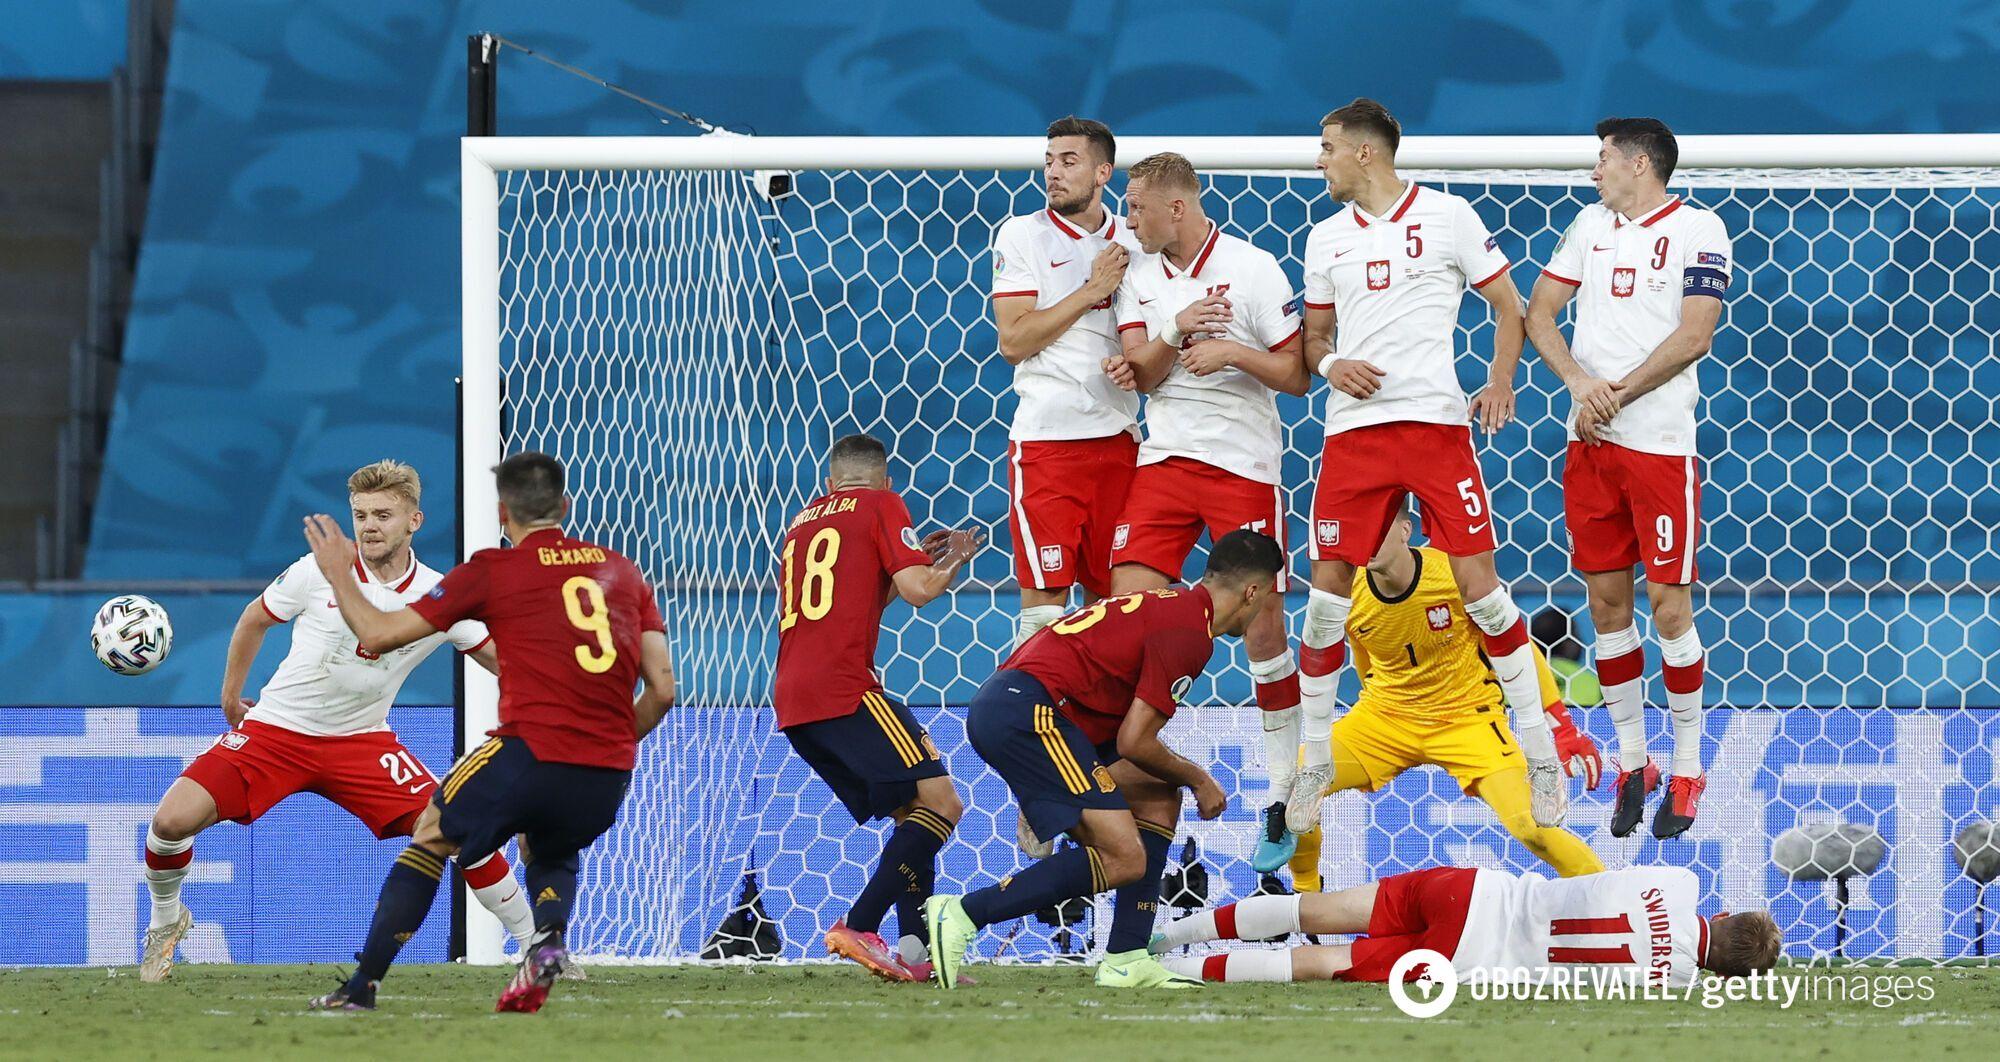 Іспанія великими силами атакувала.